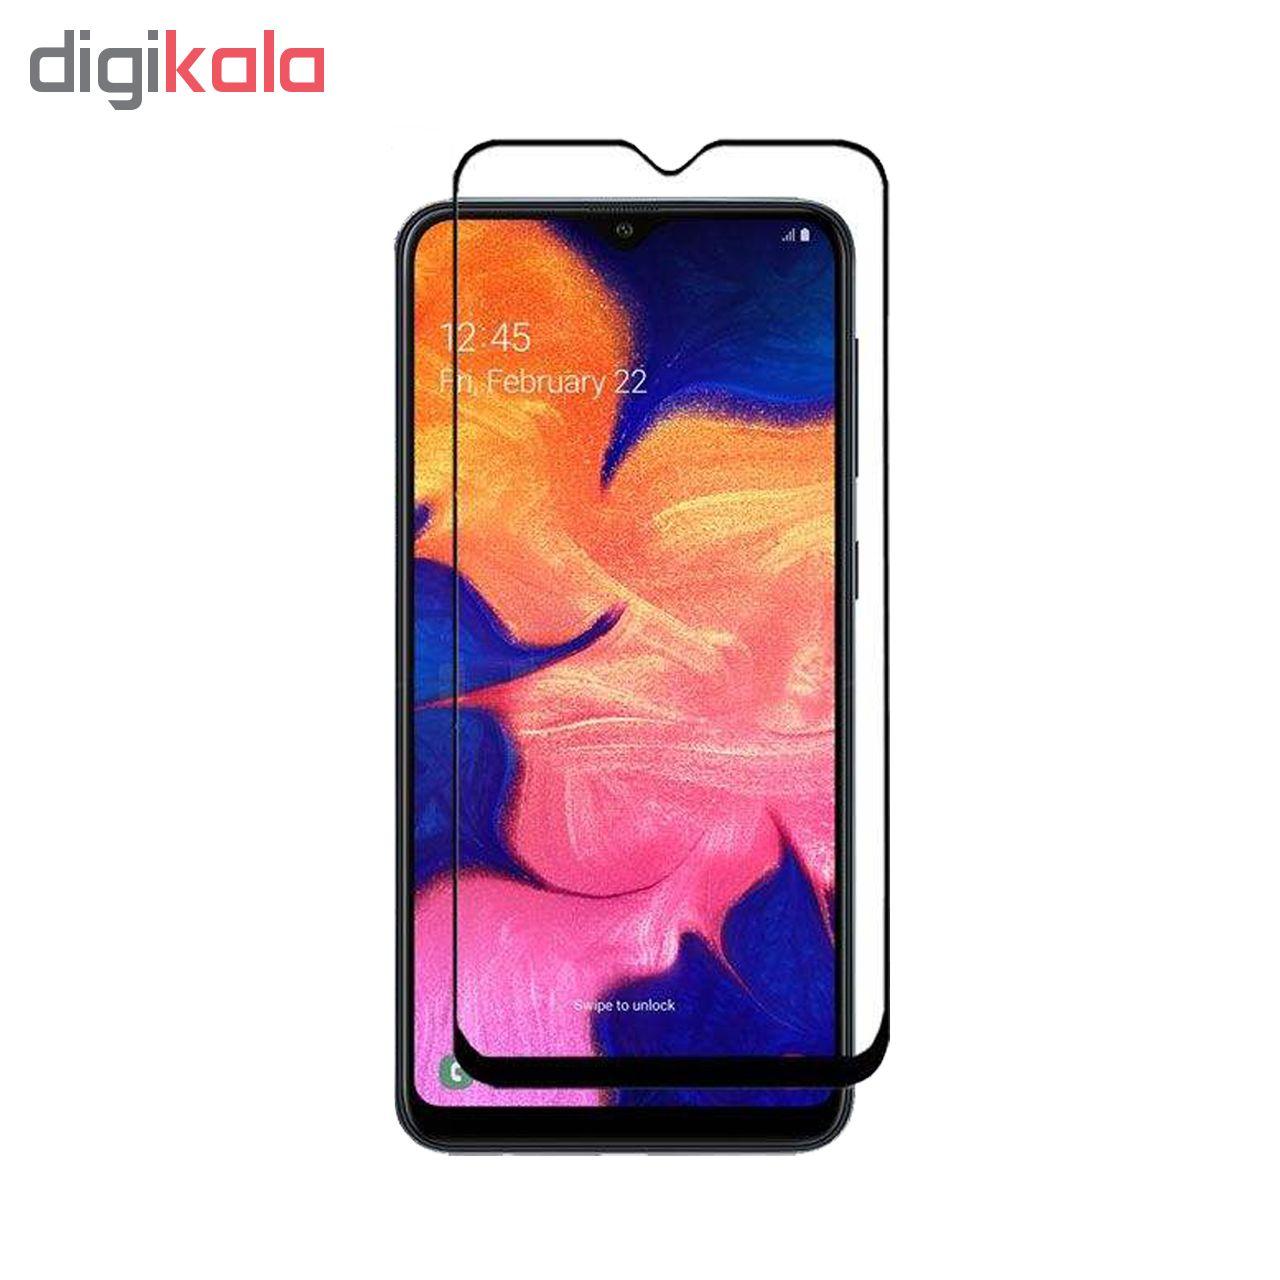 محافظ صفحه نمایش مدل RSF-3 مناسب برای گوشی موبایل سامسونگ Galaxy A70 بسته سه عددی main 1 1